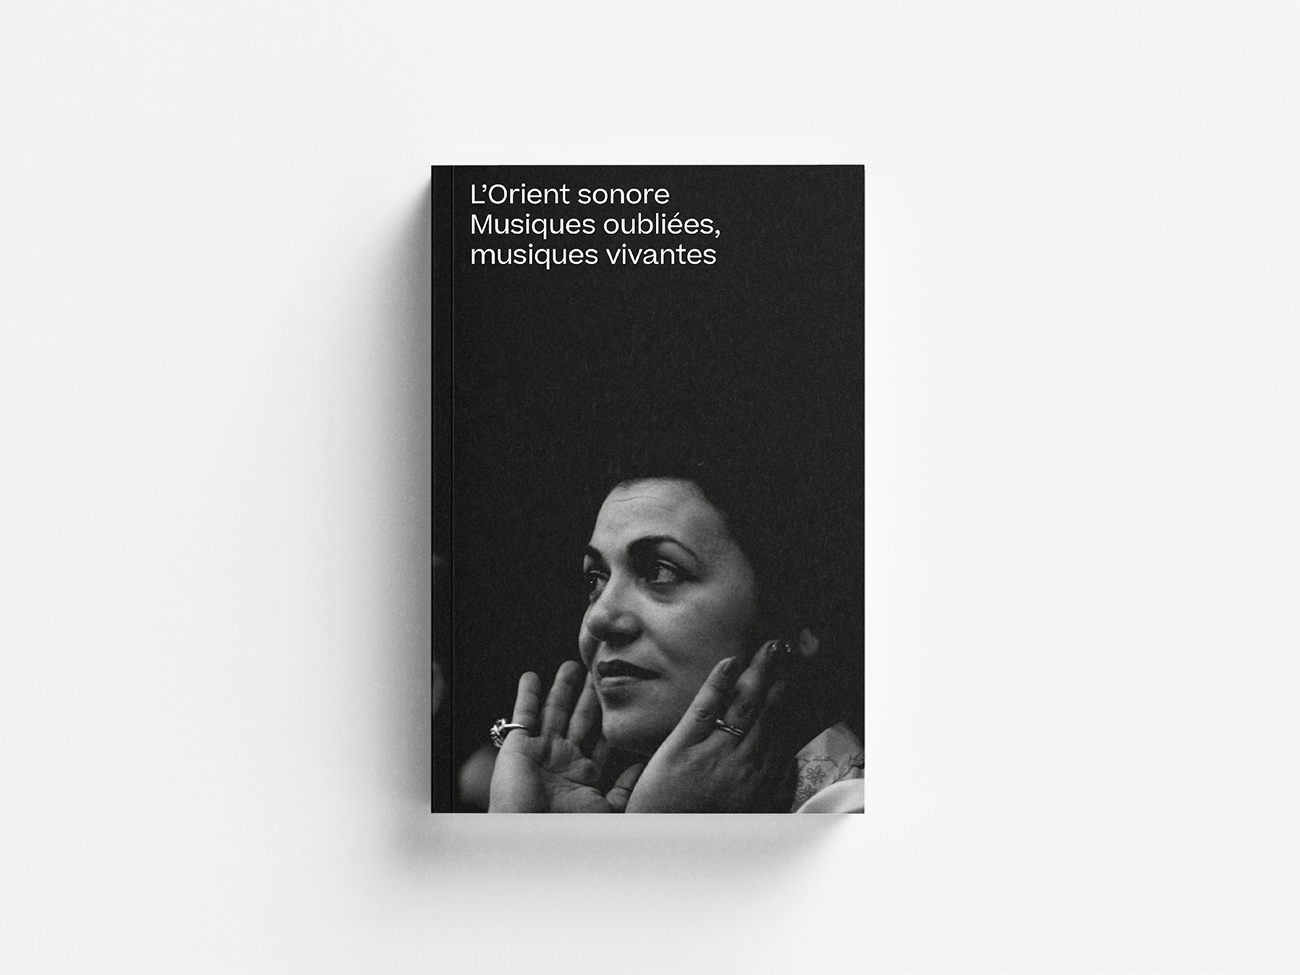 Catalogue d'exposition L'Orient sonore. Musiques oubliées, musiques vivantes.